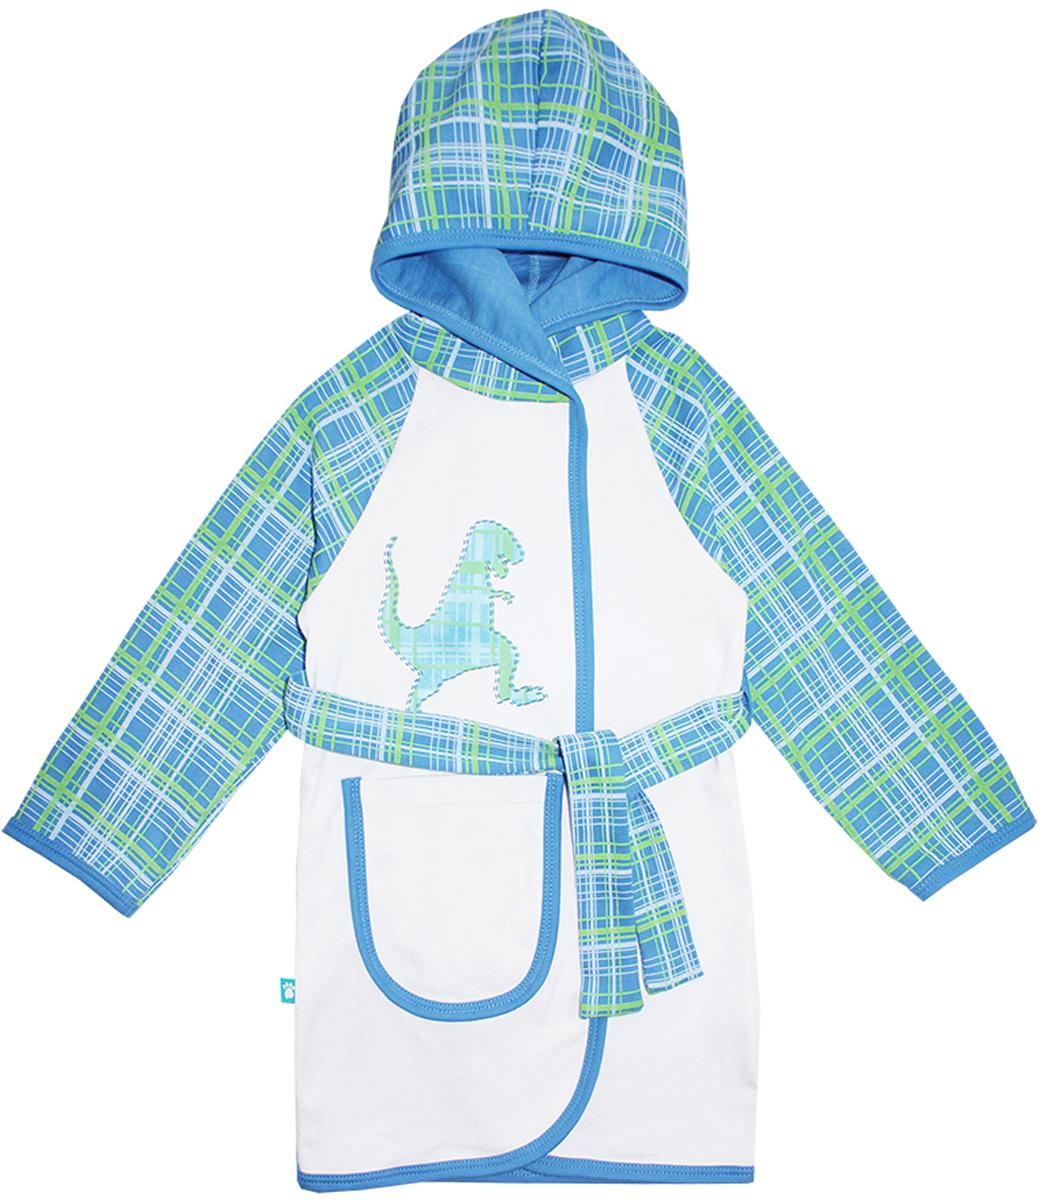 Халат для мальчика КотМарКот Дино, цвет: белый, синий, зеленый. 12251. Размер 98, 3 года12251Халат для мальчика на запах КотМарКот выполнен из натурального хлопка.Модель средней длины с длинными рукавами-реглан и несъемным капюшоном имеет узкий текстильный пояс, дополнена шлевками. Спереди располагается накладной карман. Модель декорирована принтом в клетку по капюшону и рукавам, а также украшена небольшим принтом с изображением динозавра на груди.